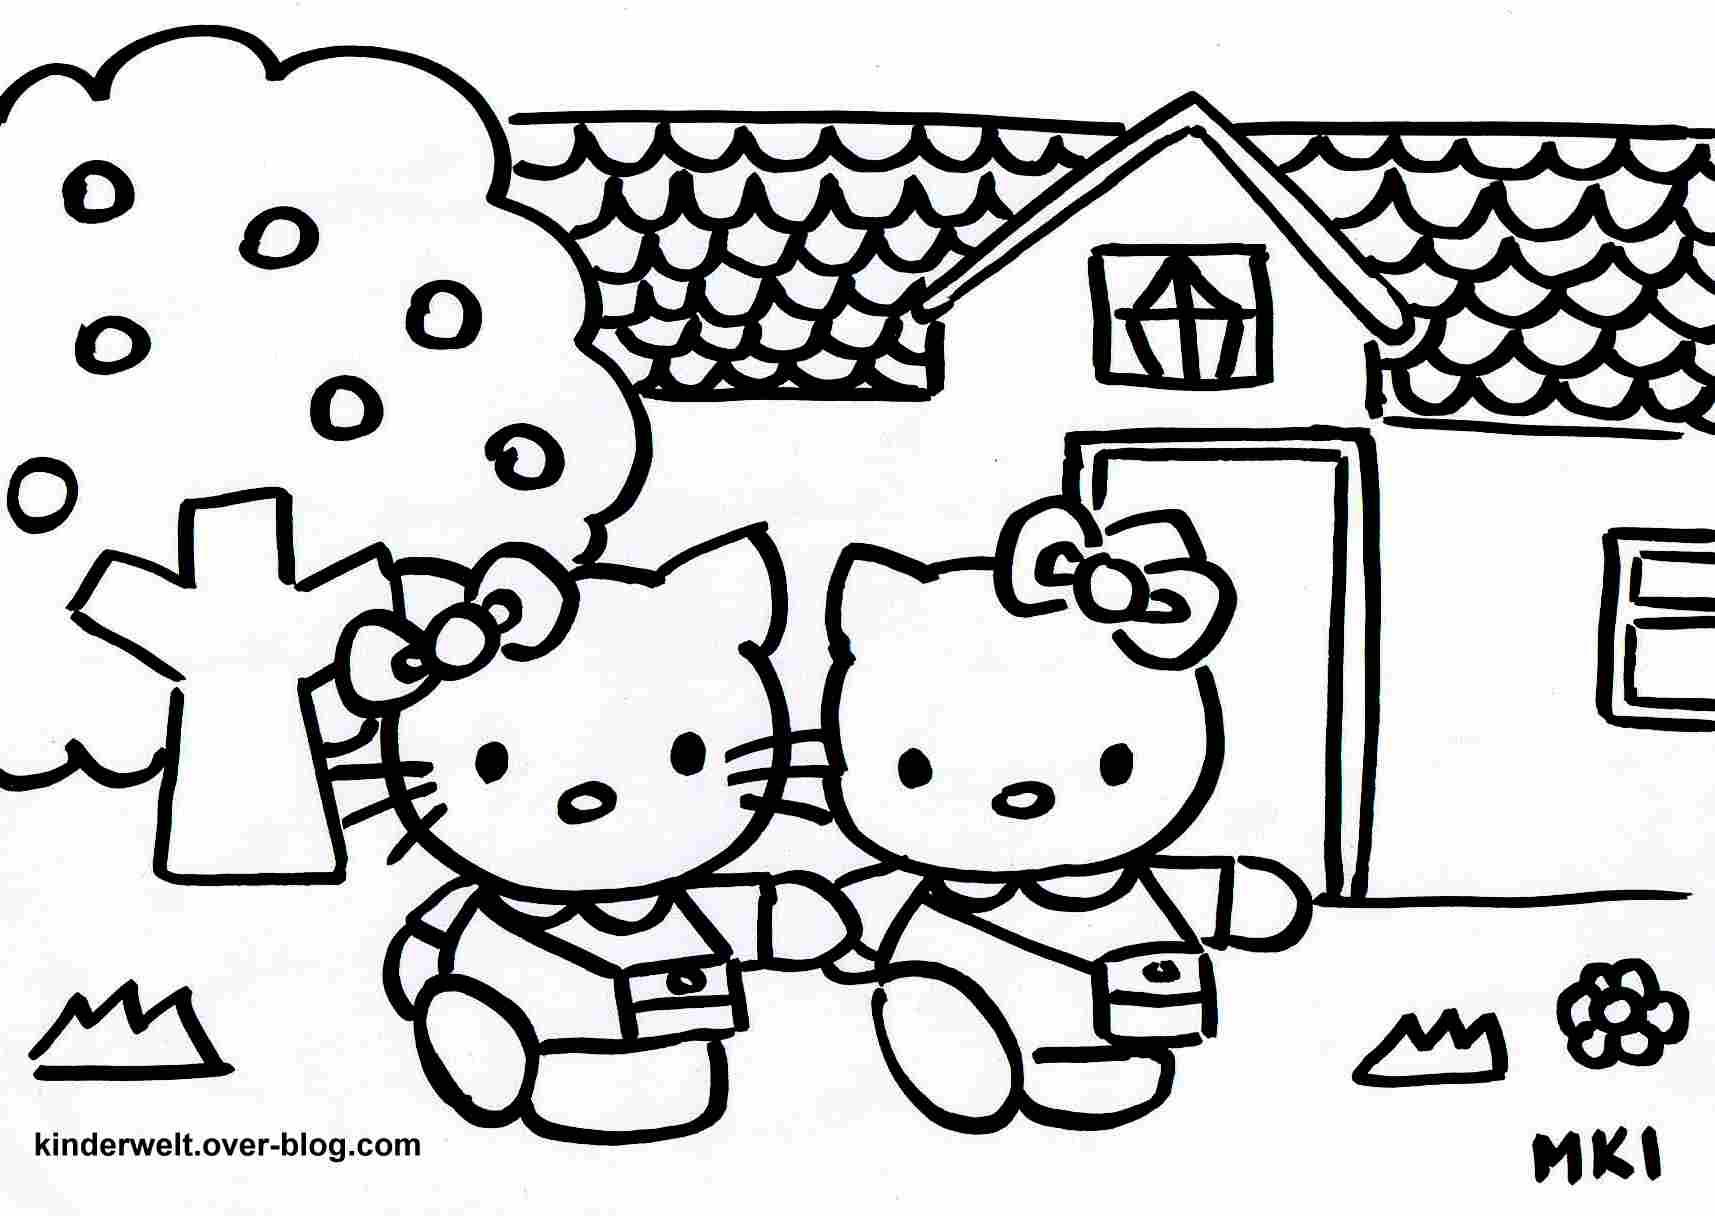 Kreativ Hello Kitty Ausmalbilder Online Kostenlos Fr Dein mit Hello Kitty Kostenlos